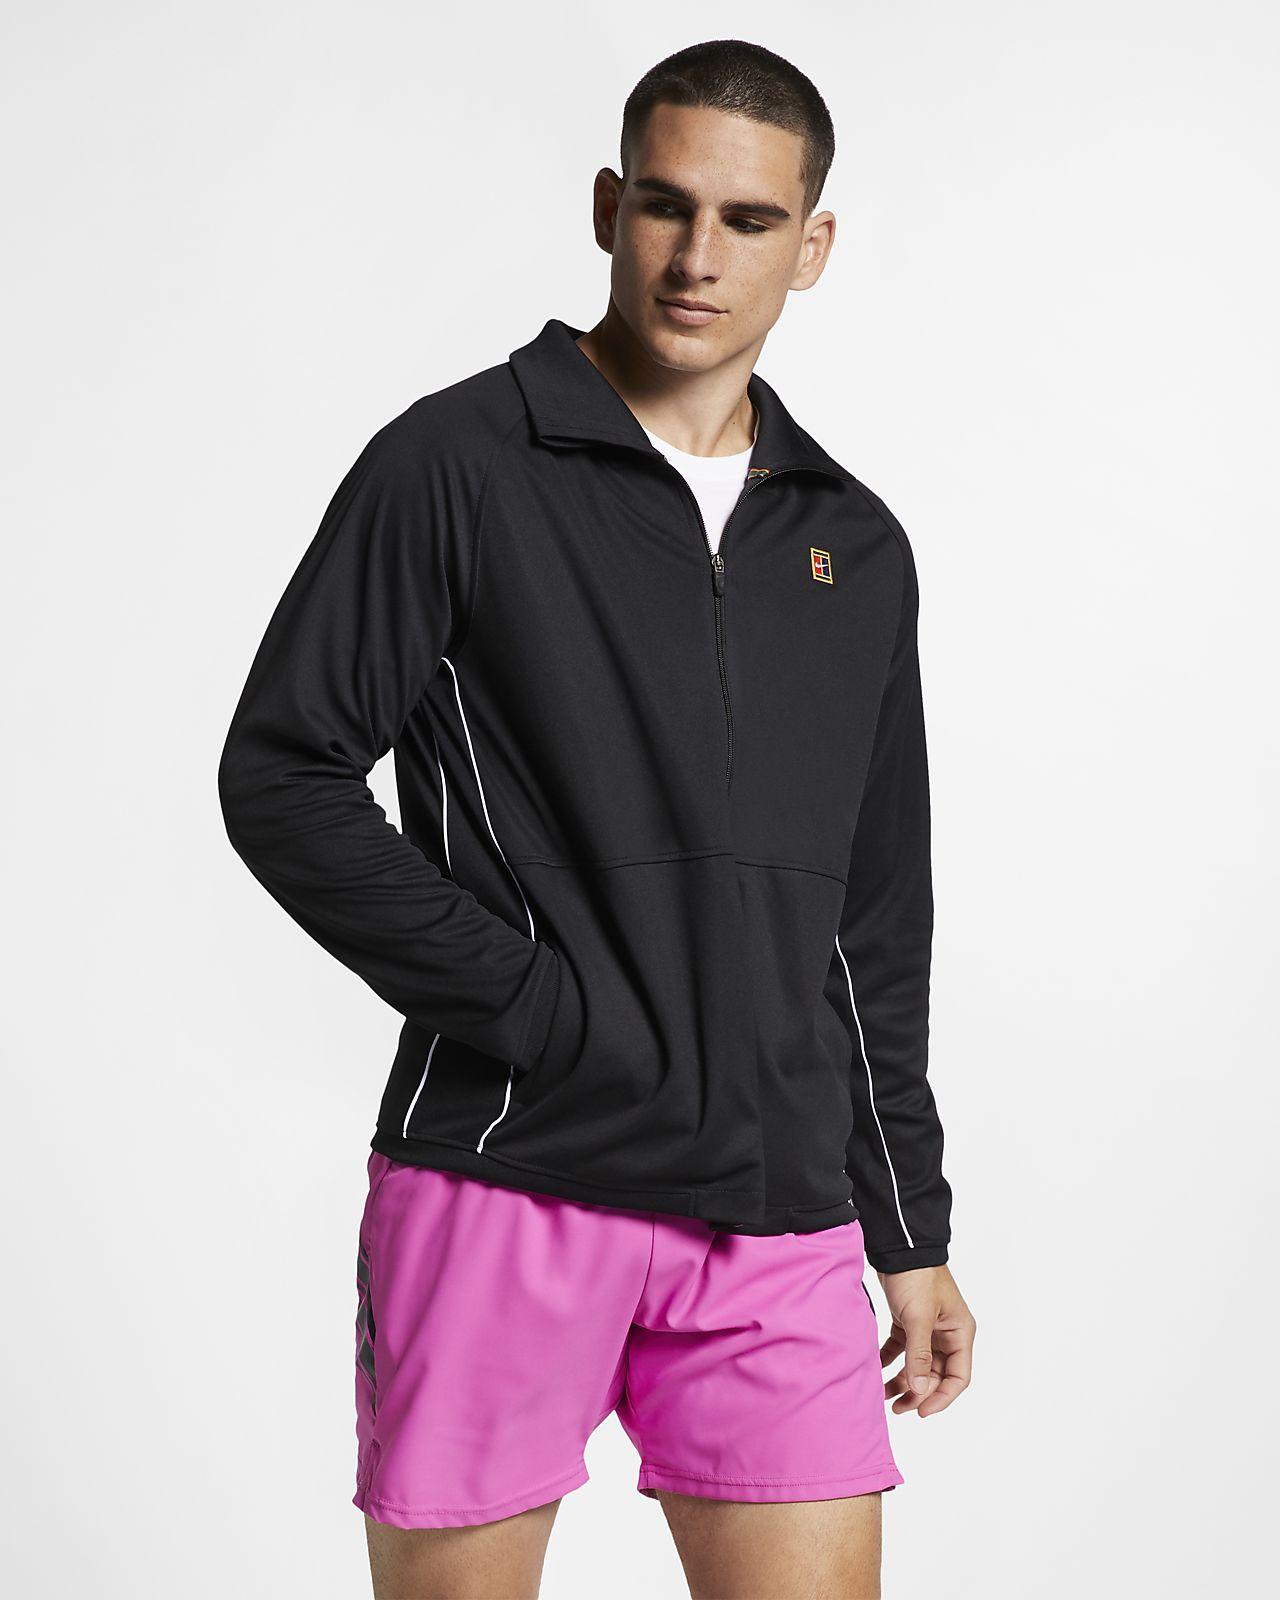 NikeCourt férfi tenisz-melegítőfelső